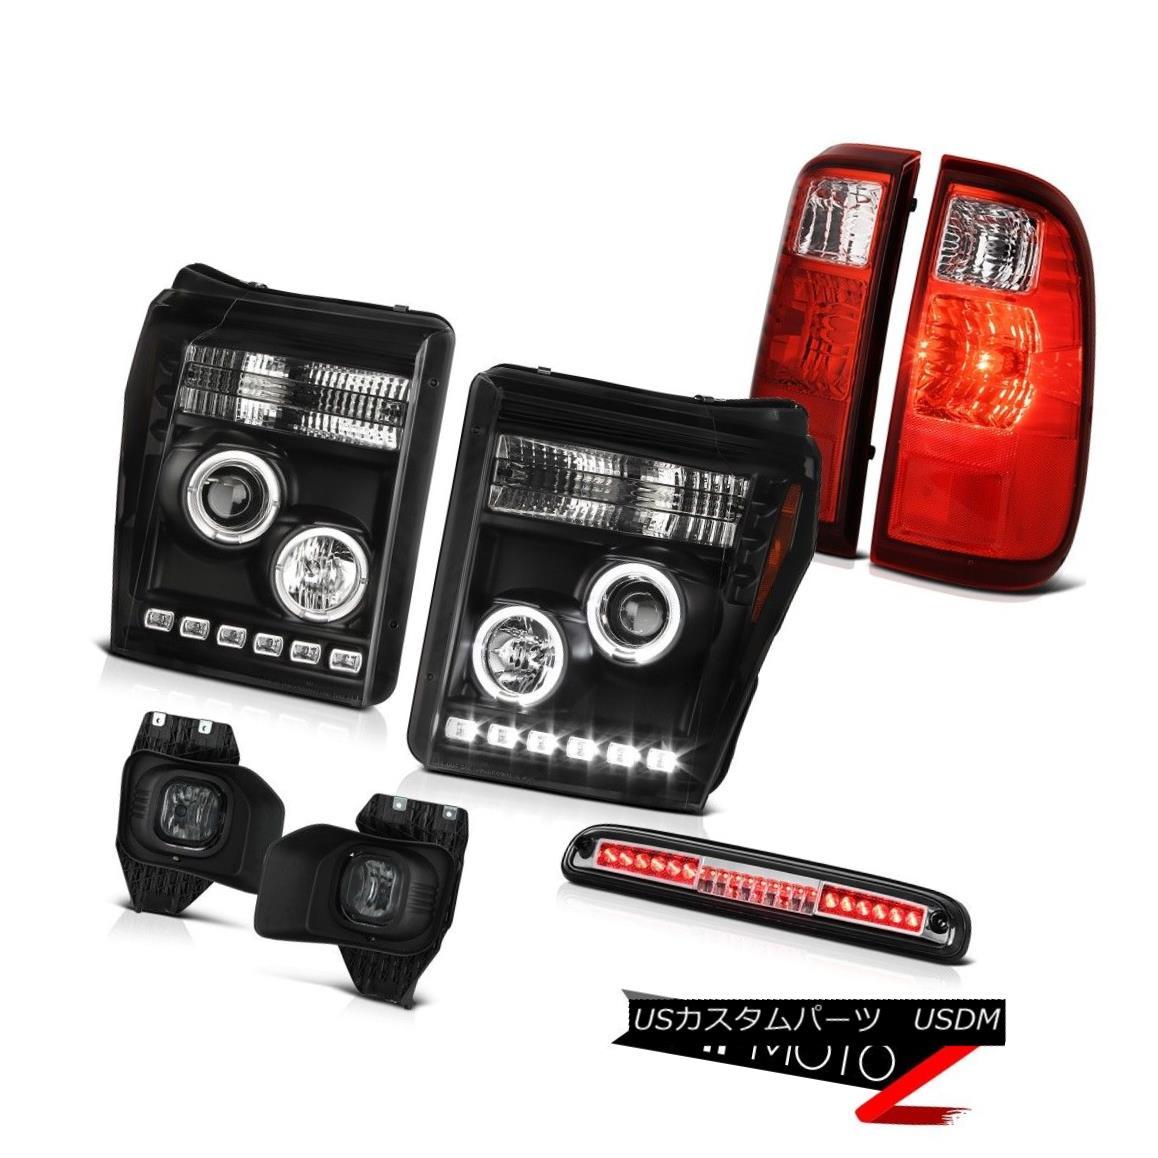 ヘッドライト 2011-2016 F250 Lariat 3RD Brake Lamp Fog Lights Tail Black Projector Headlamps 2011-2016 F250 Lariat 3RDブレーキランプフォグライトテールブラックプロジェクターヘッドランプ